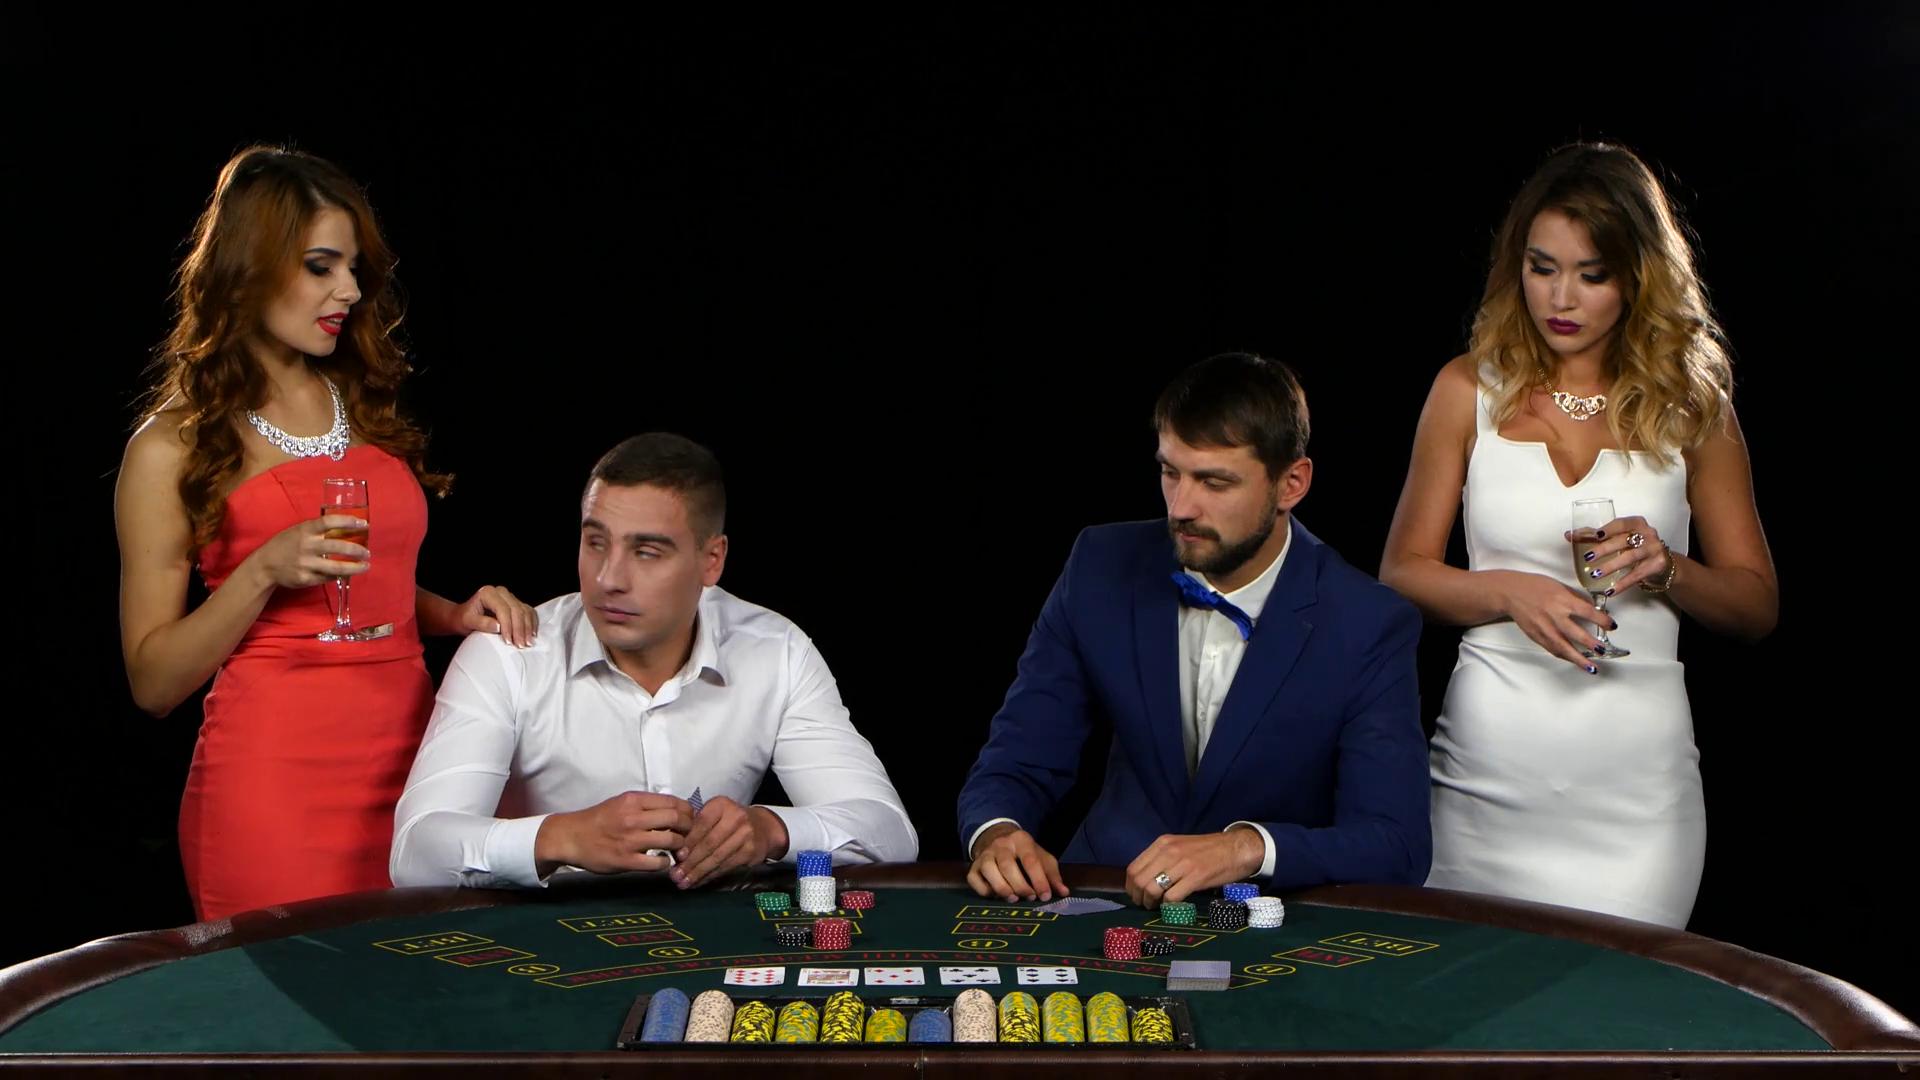 Männer und Frauen am Pokertisch